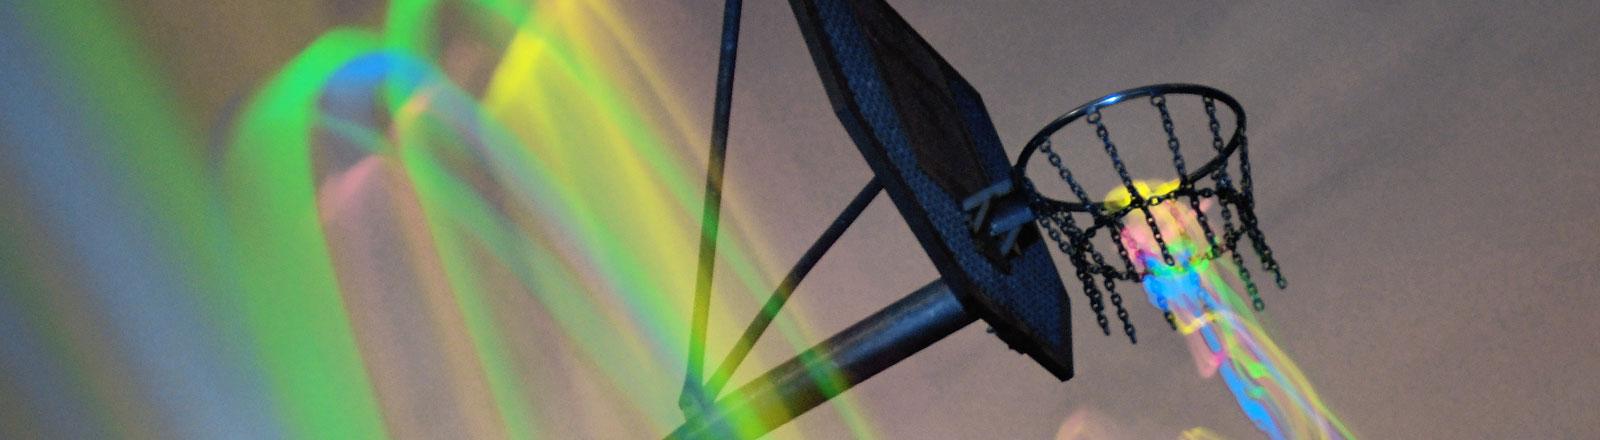 Basketballkorb mit Lichteffekten